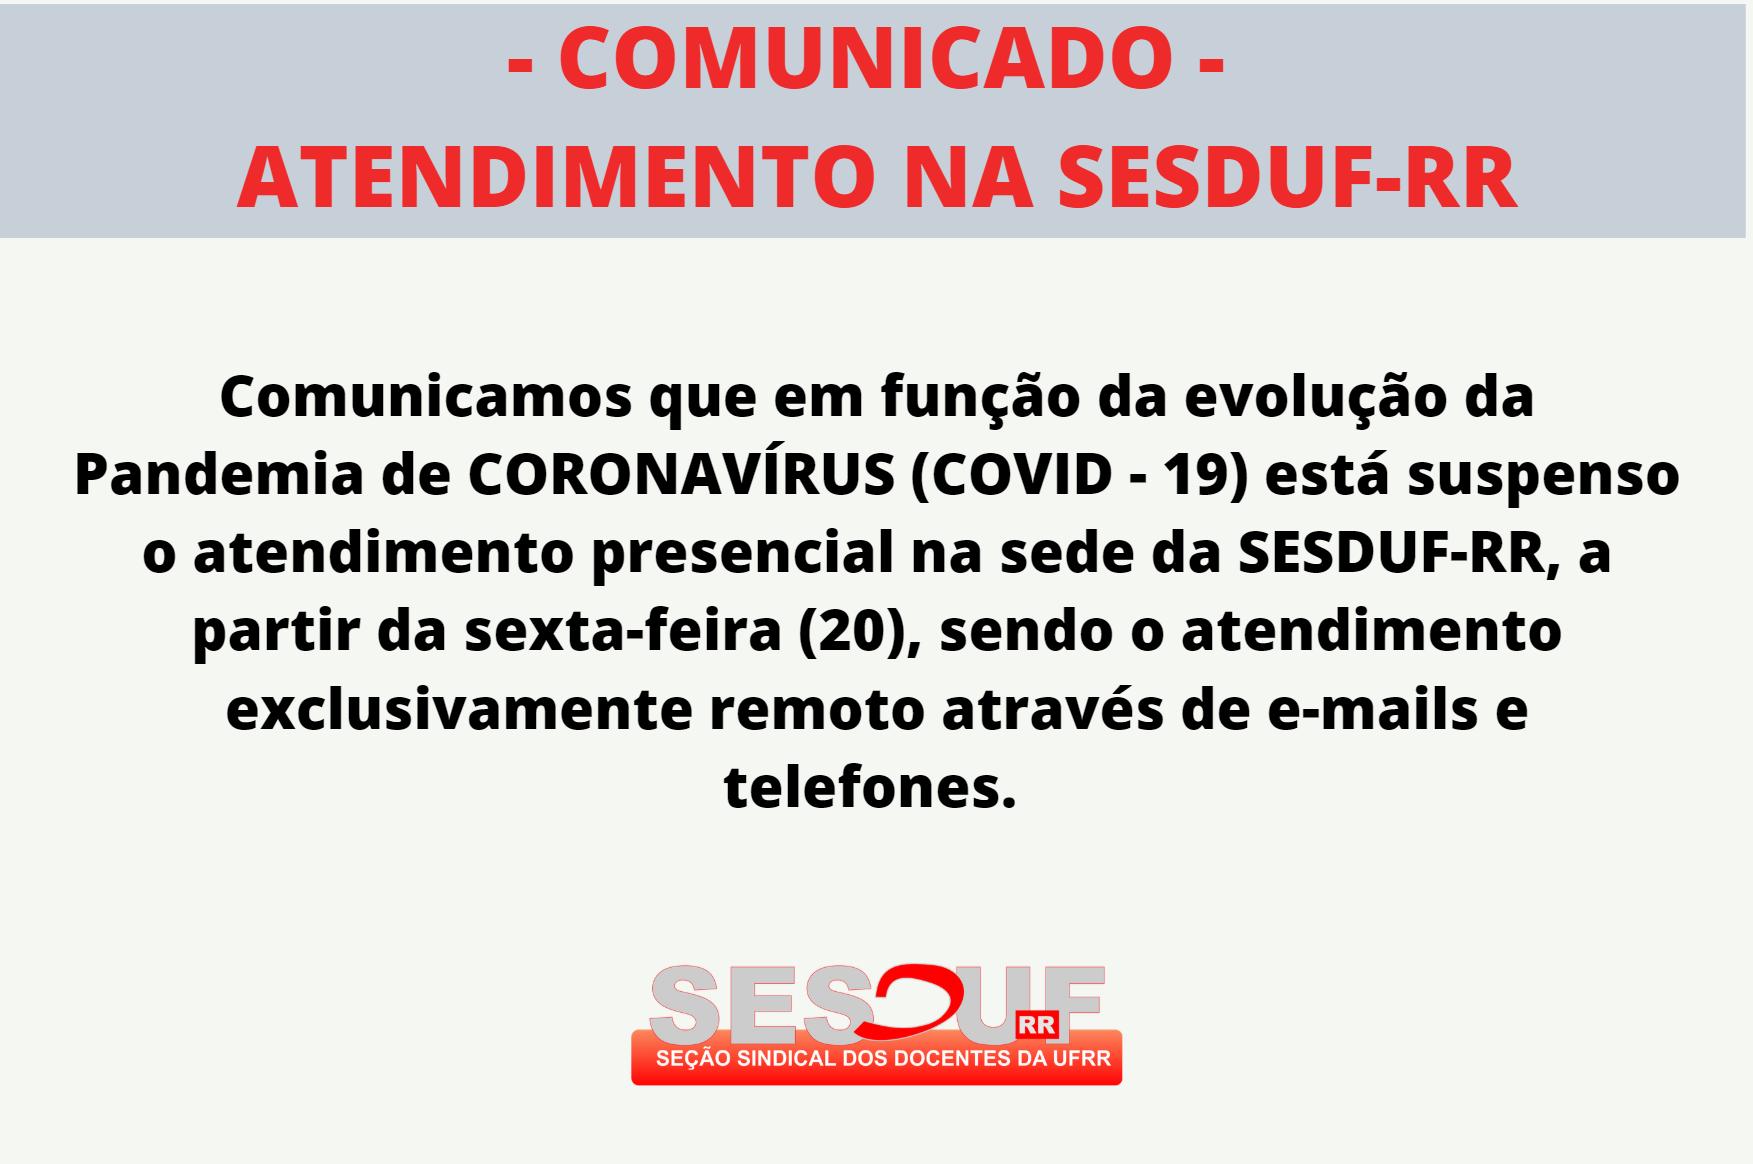 Comunicado sobre atendimento na SESDUF-RR